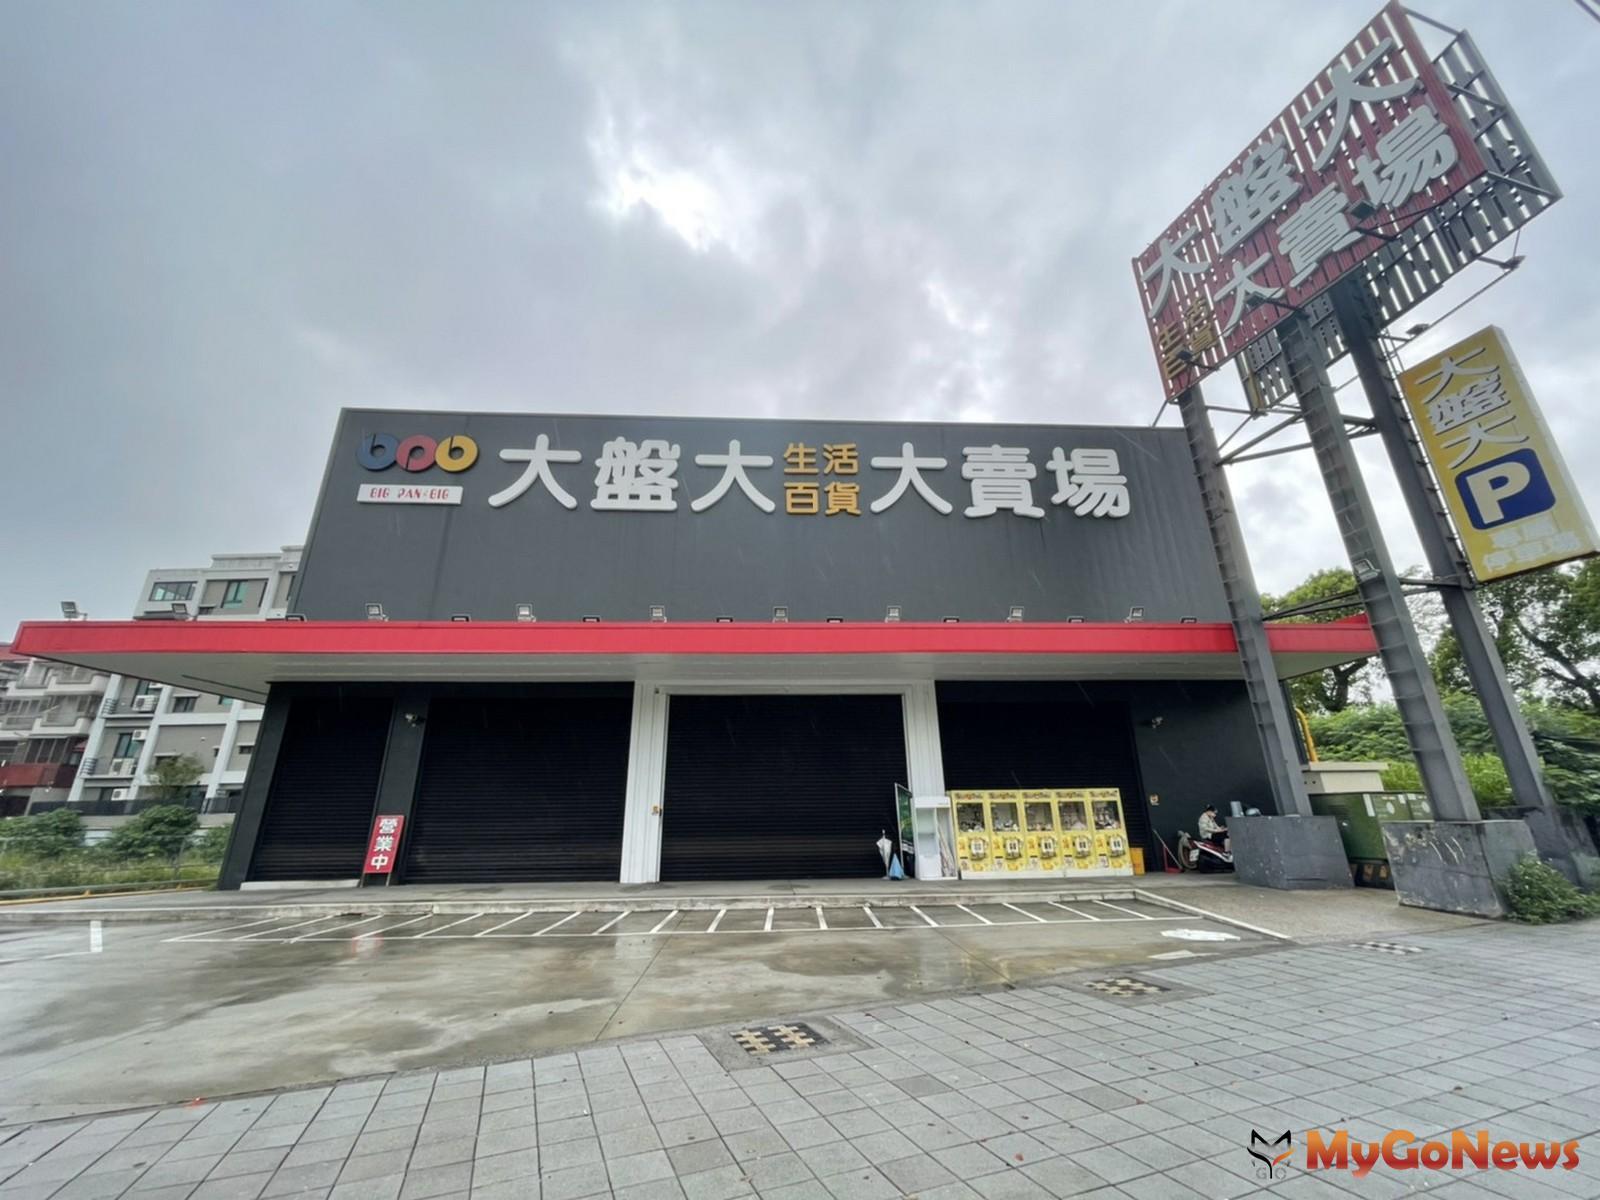 彰基以約2.87億元,買下包含大盤大南投店在內的上千坪土地。(台灣房屋南投家友特許加盟店提供) MyGoNews房地產新聞 市場快訊